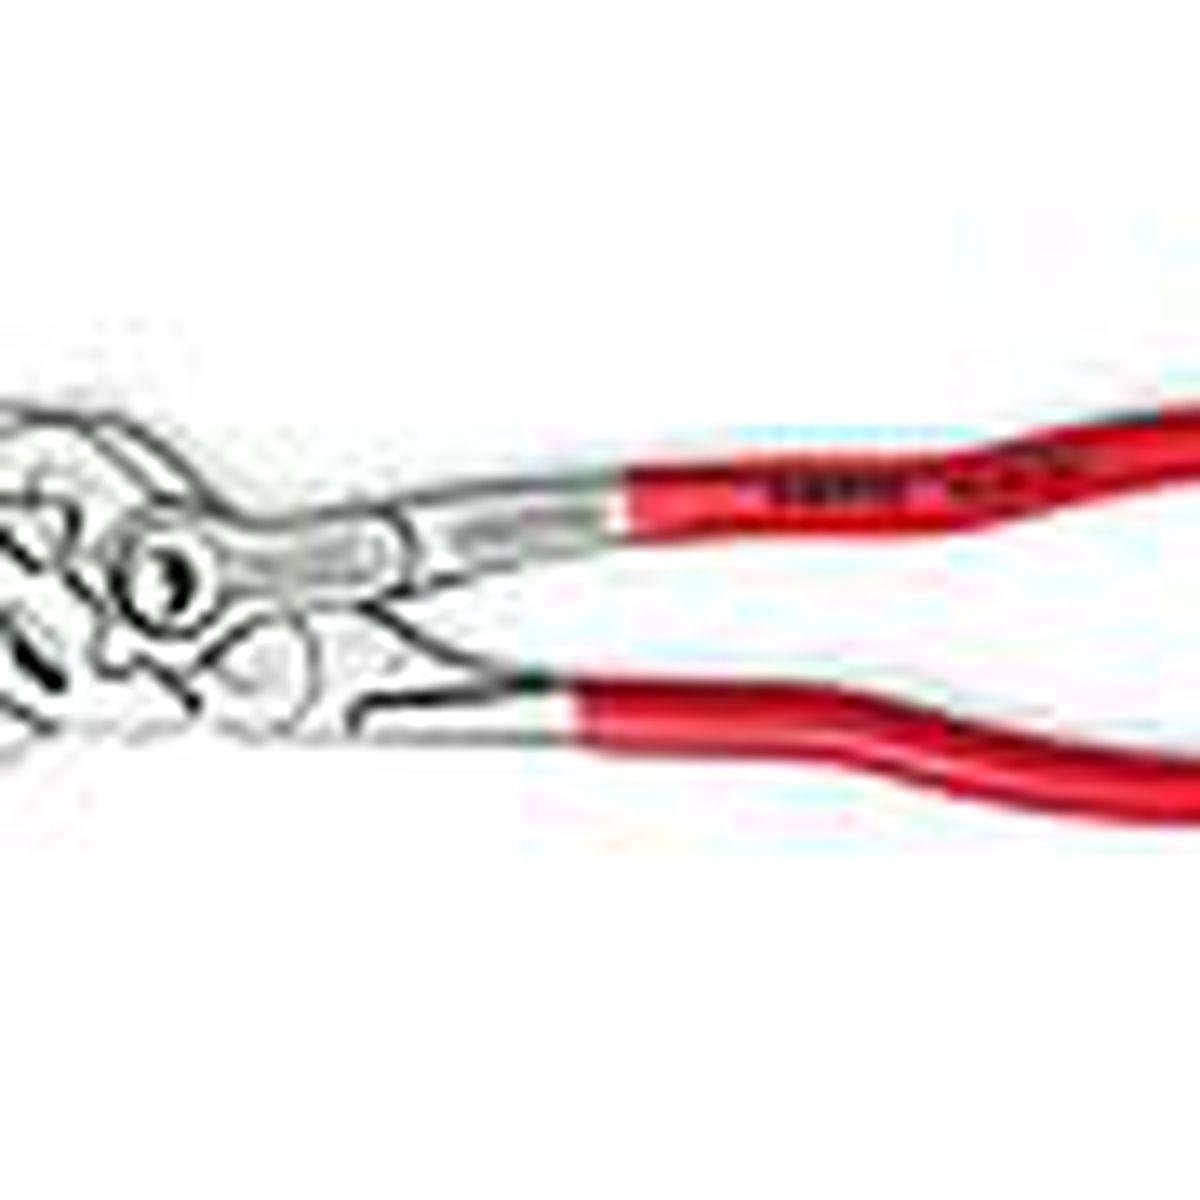 Adjustable Pliers